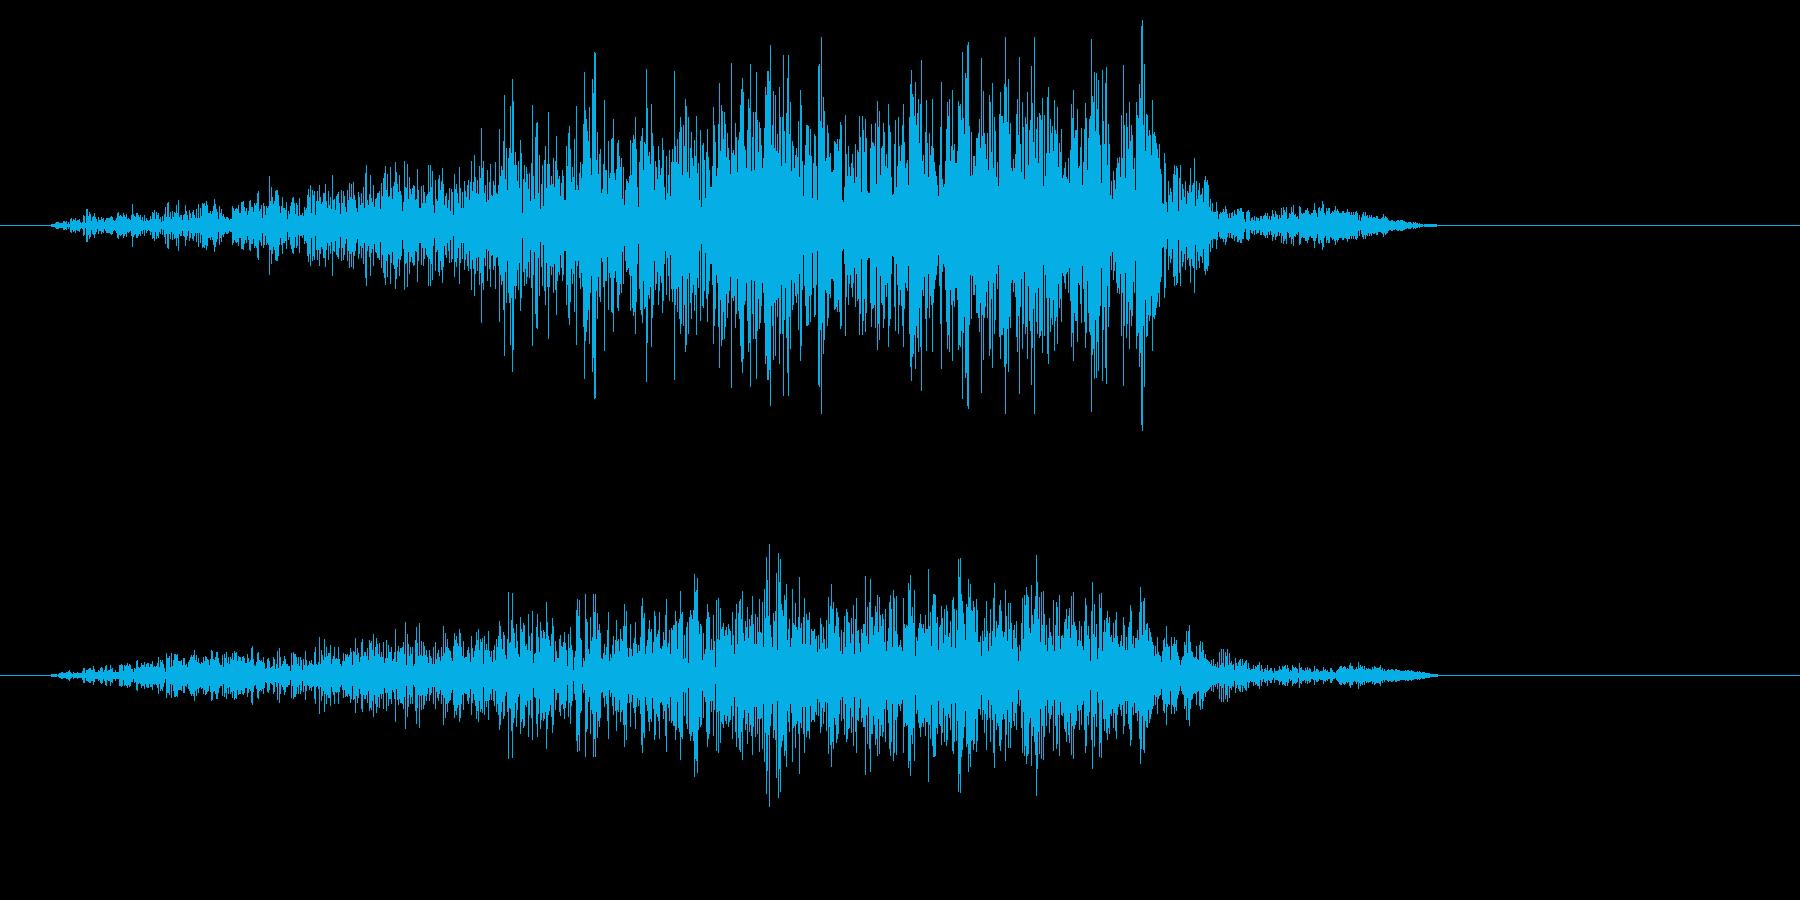 ズシャーッ(摩擦音)スコップの再生済みの波形